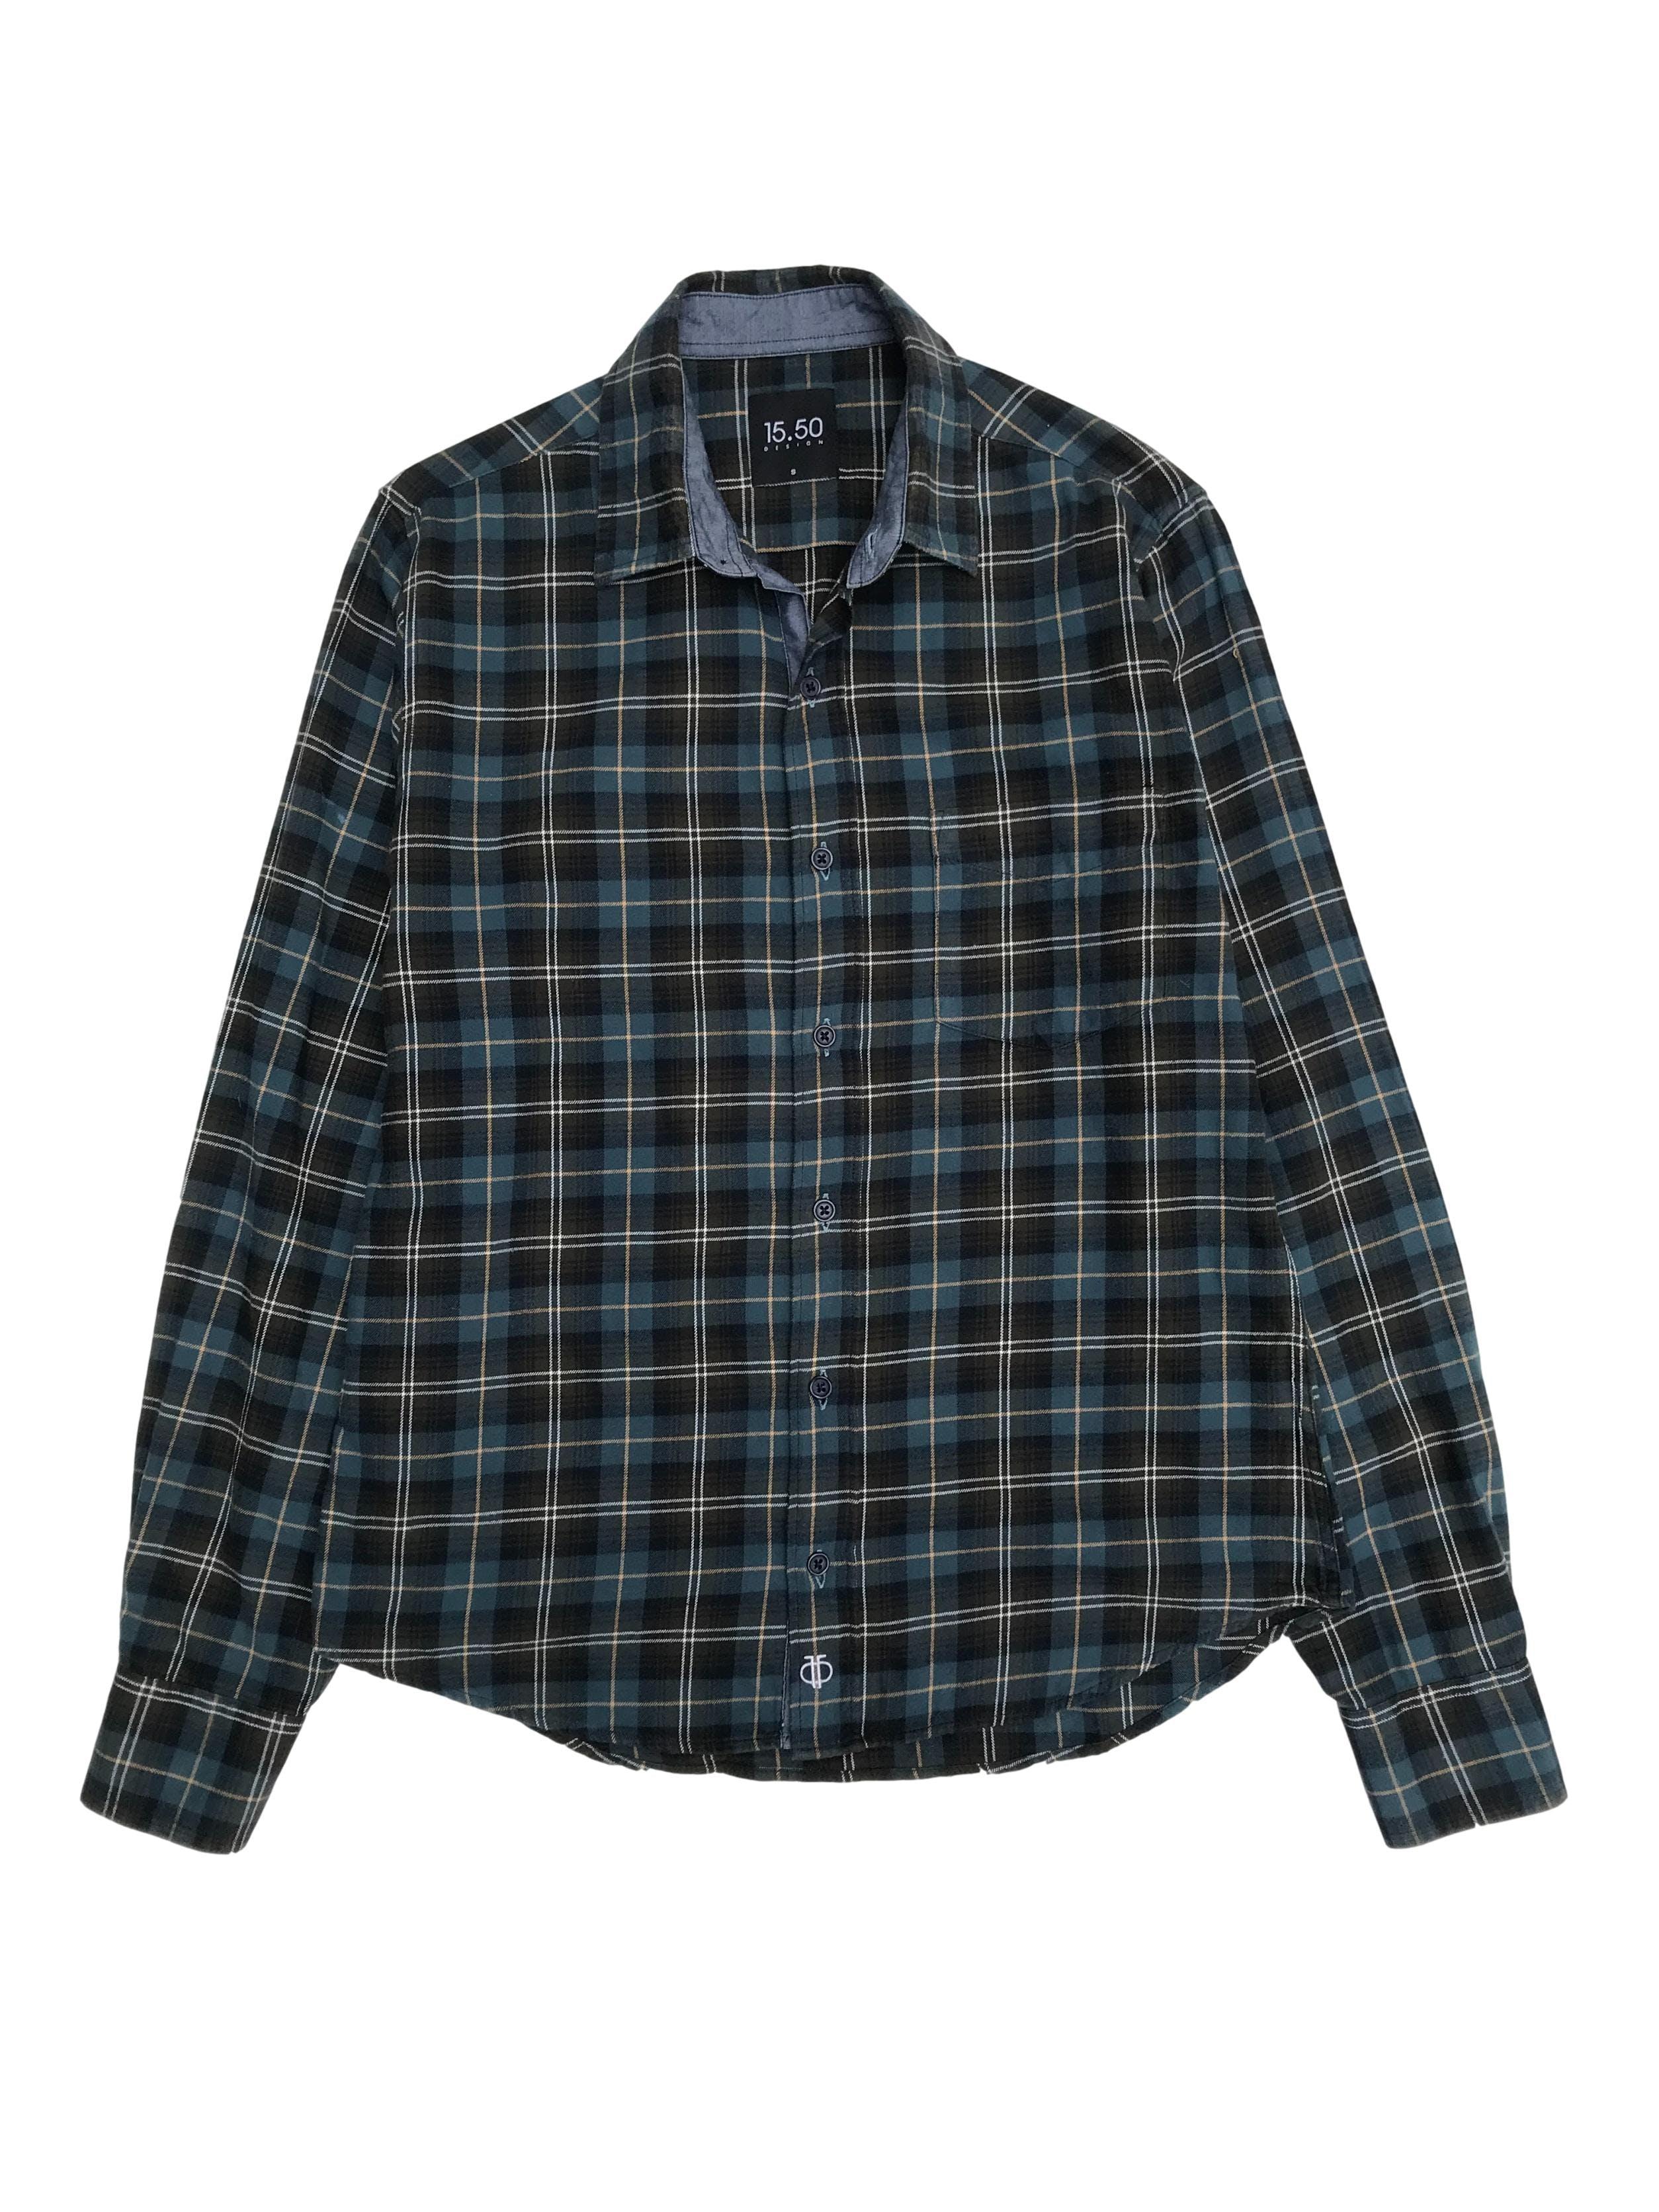 Blusa 15.50 a cuadros verdes 100% algodón tipo franela